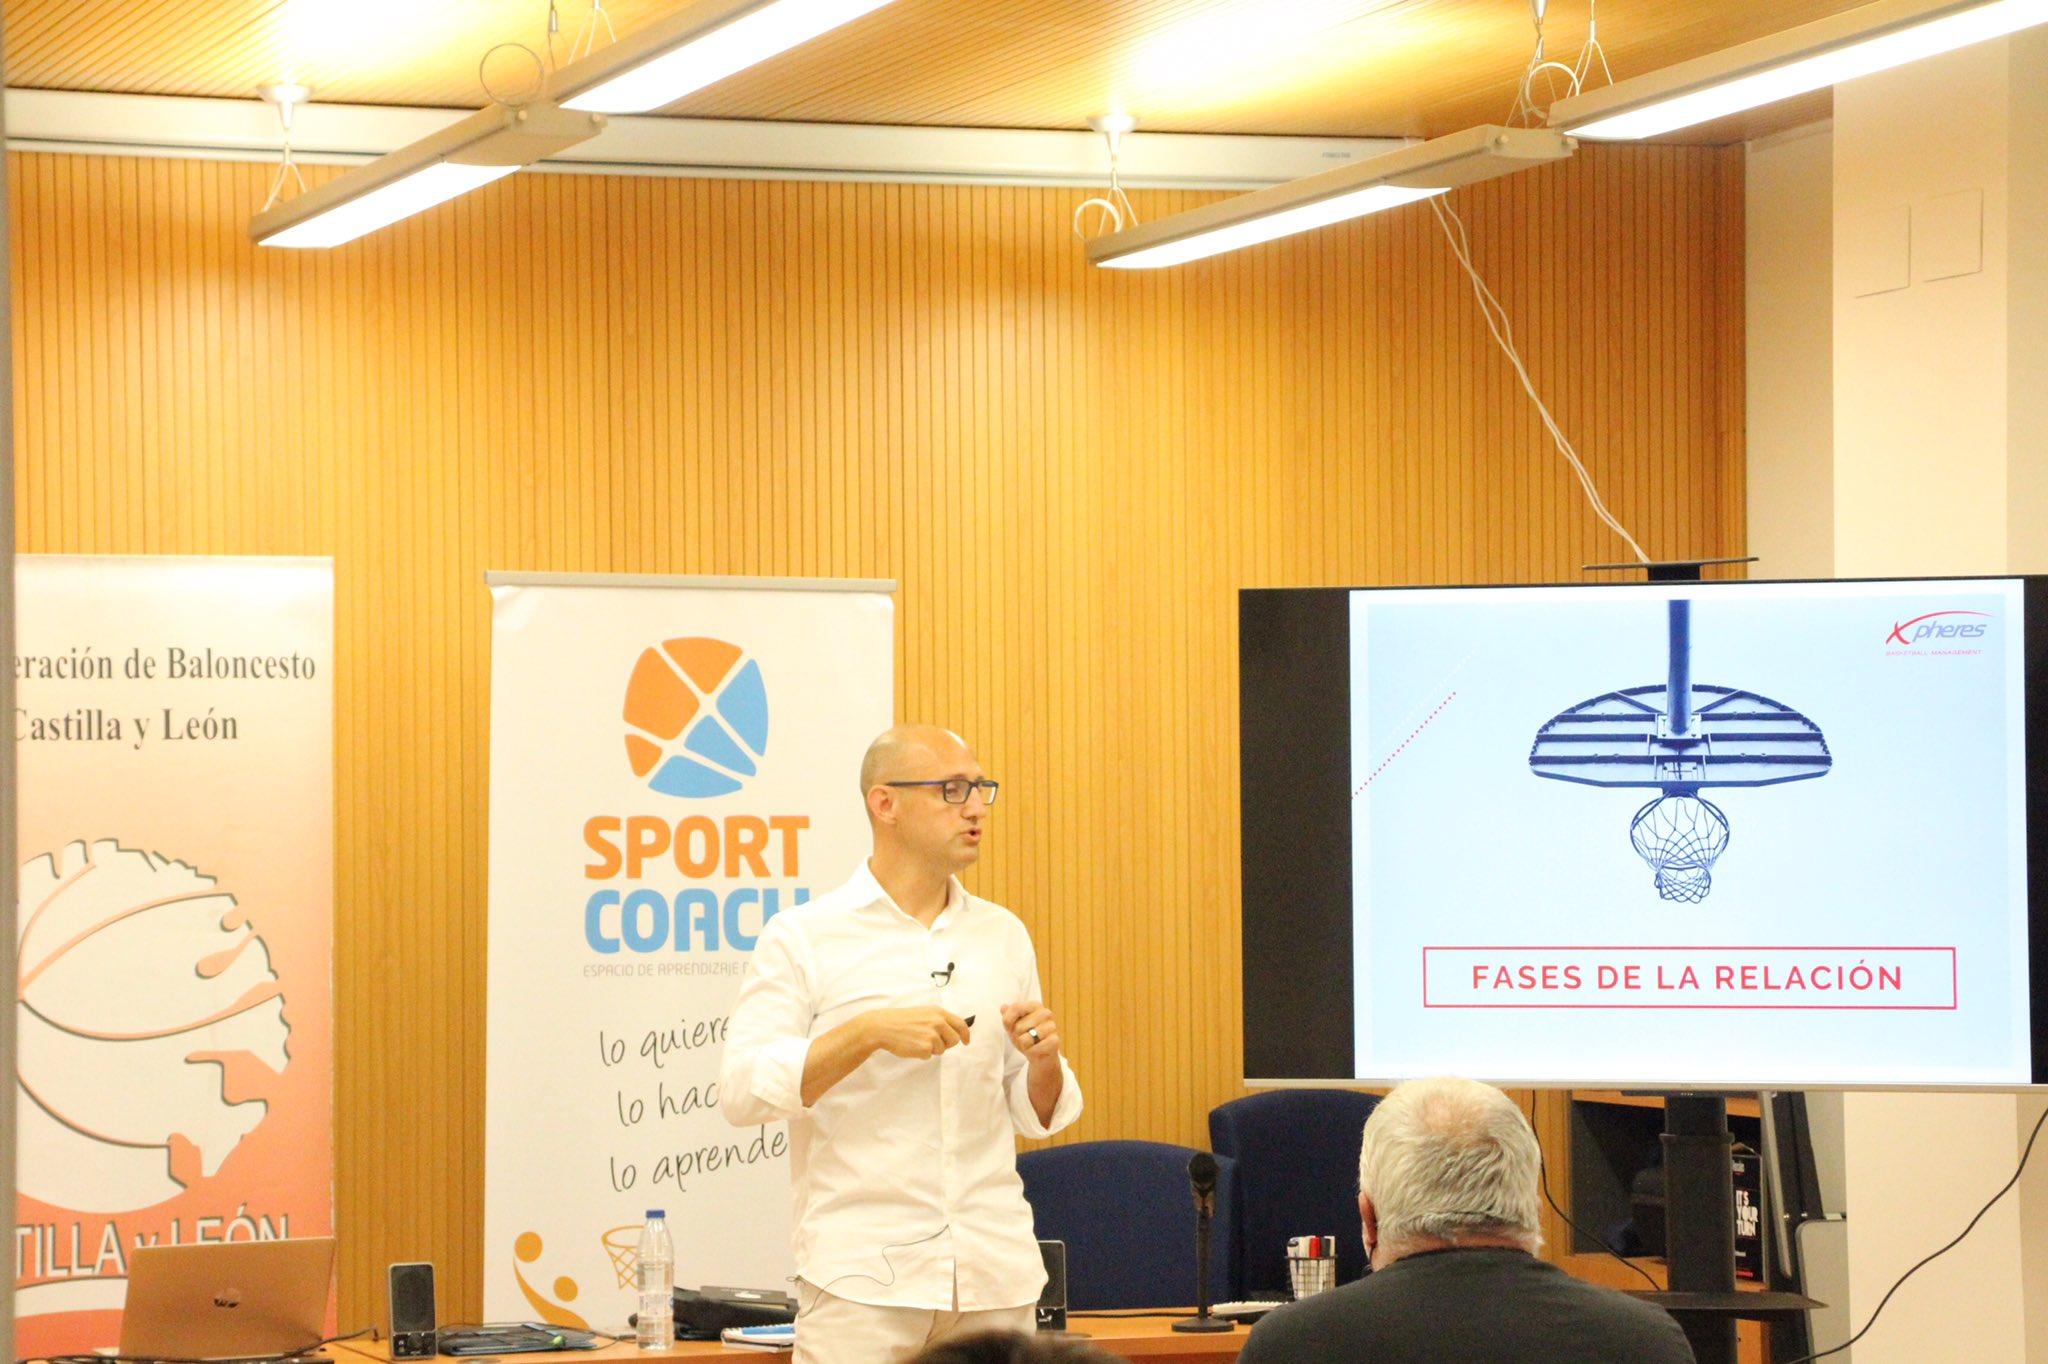 Conferencia sobre las agencias de representación por Igor Crespo en el Máster de Dirección Deportiva. 5 perspectivas transversales del baloncesto en el Máster DIDE